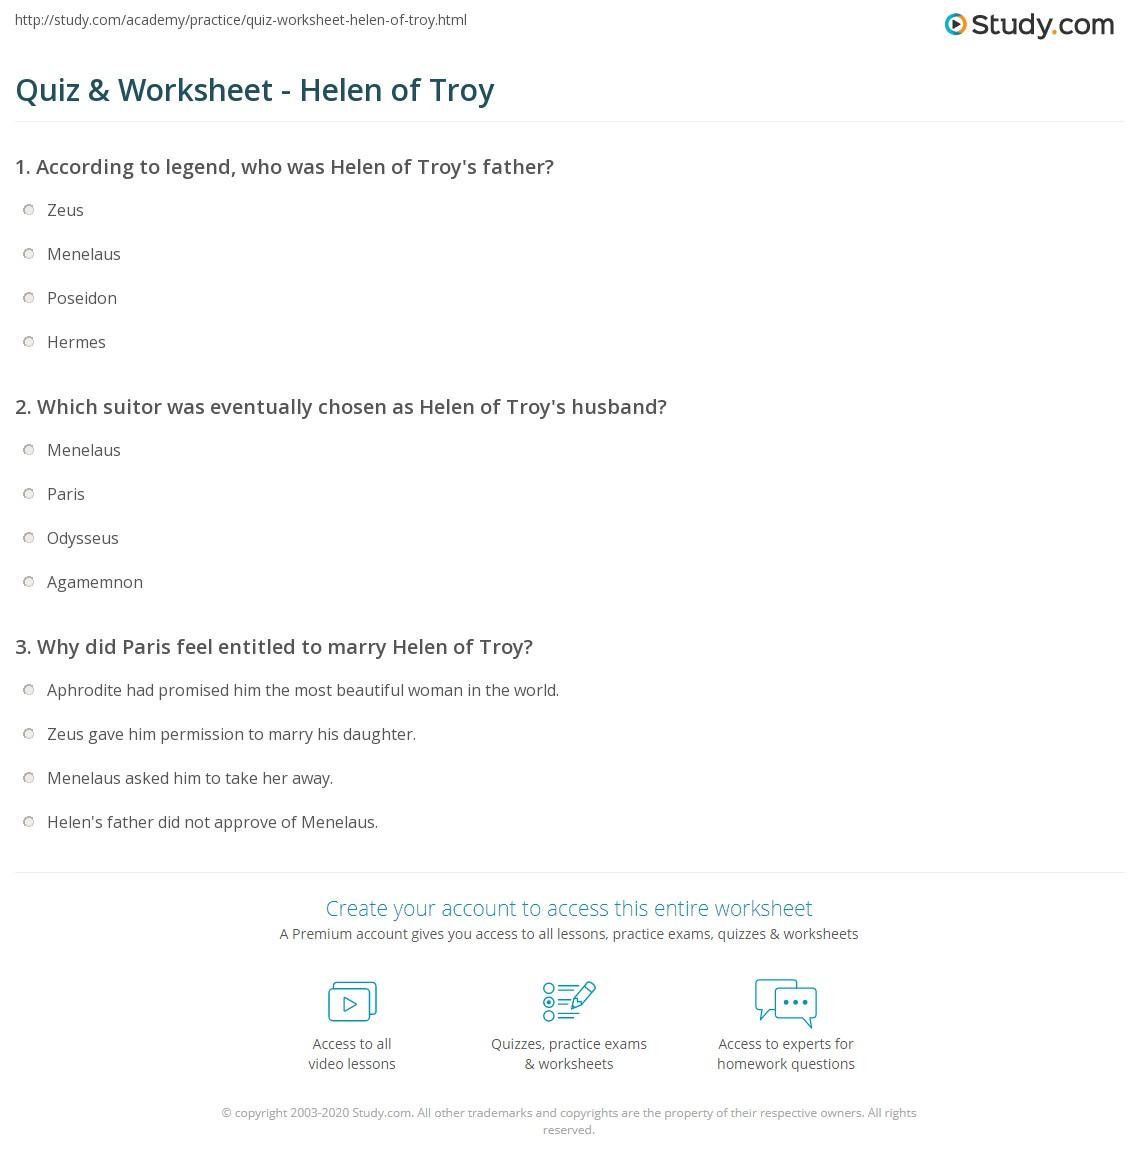 the legend of troy worksheet